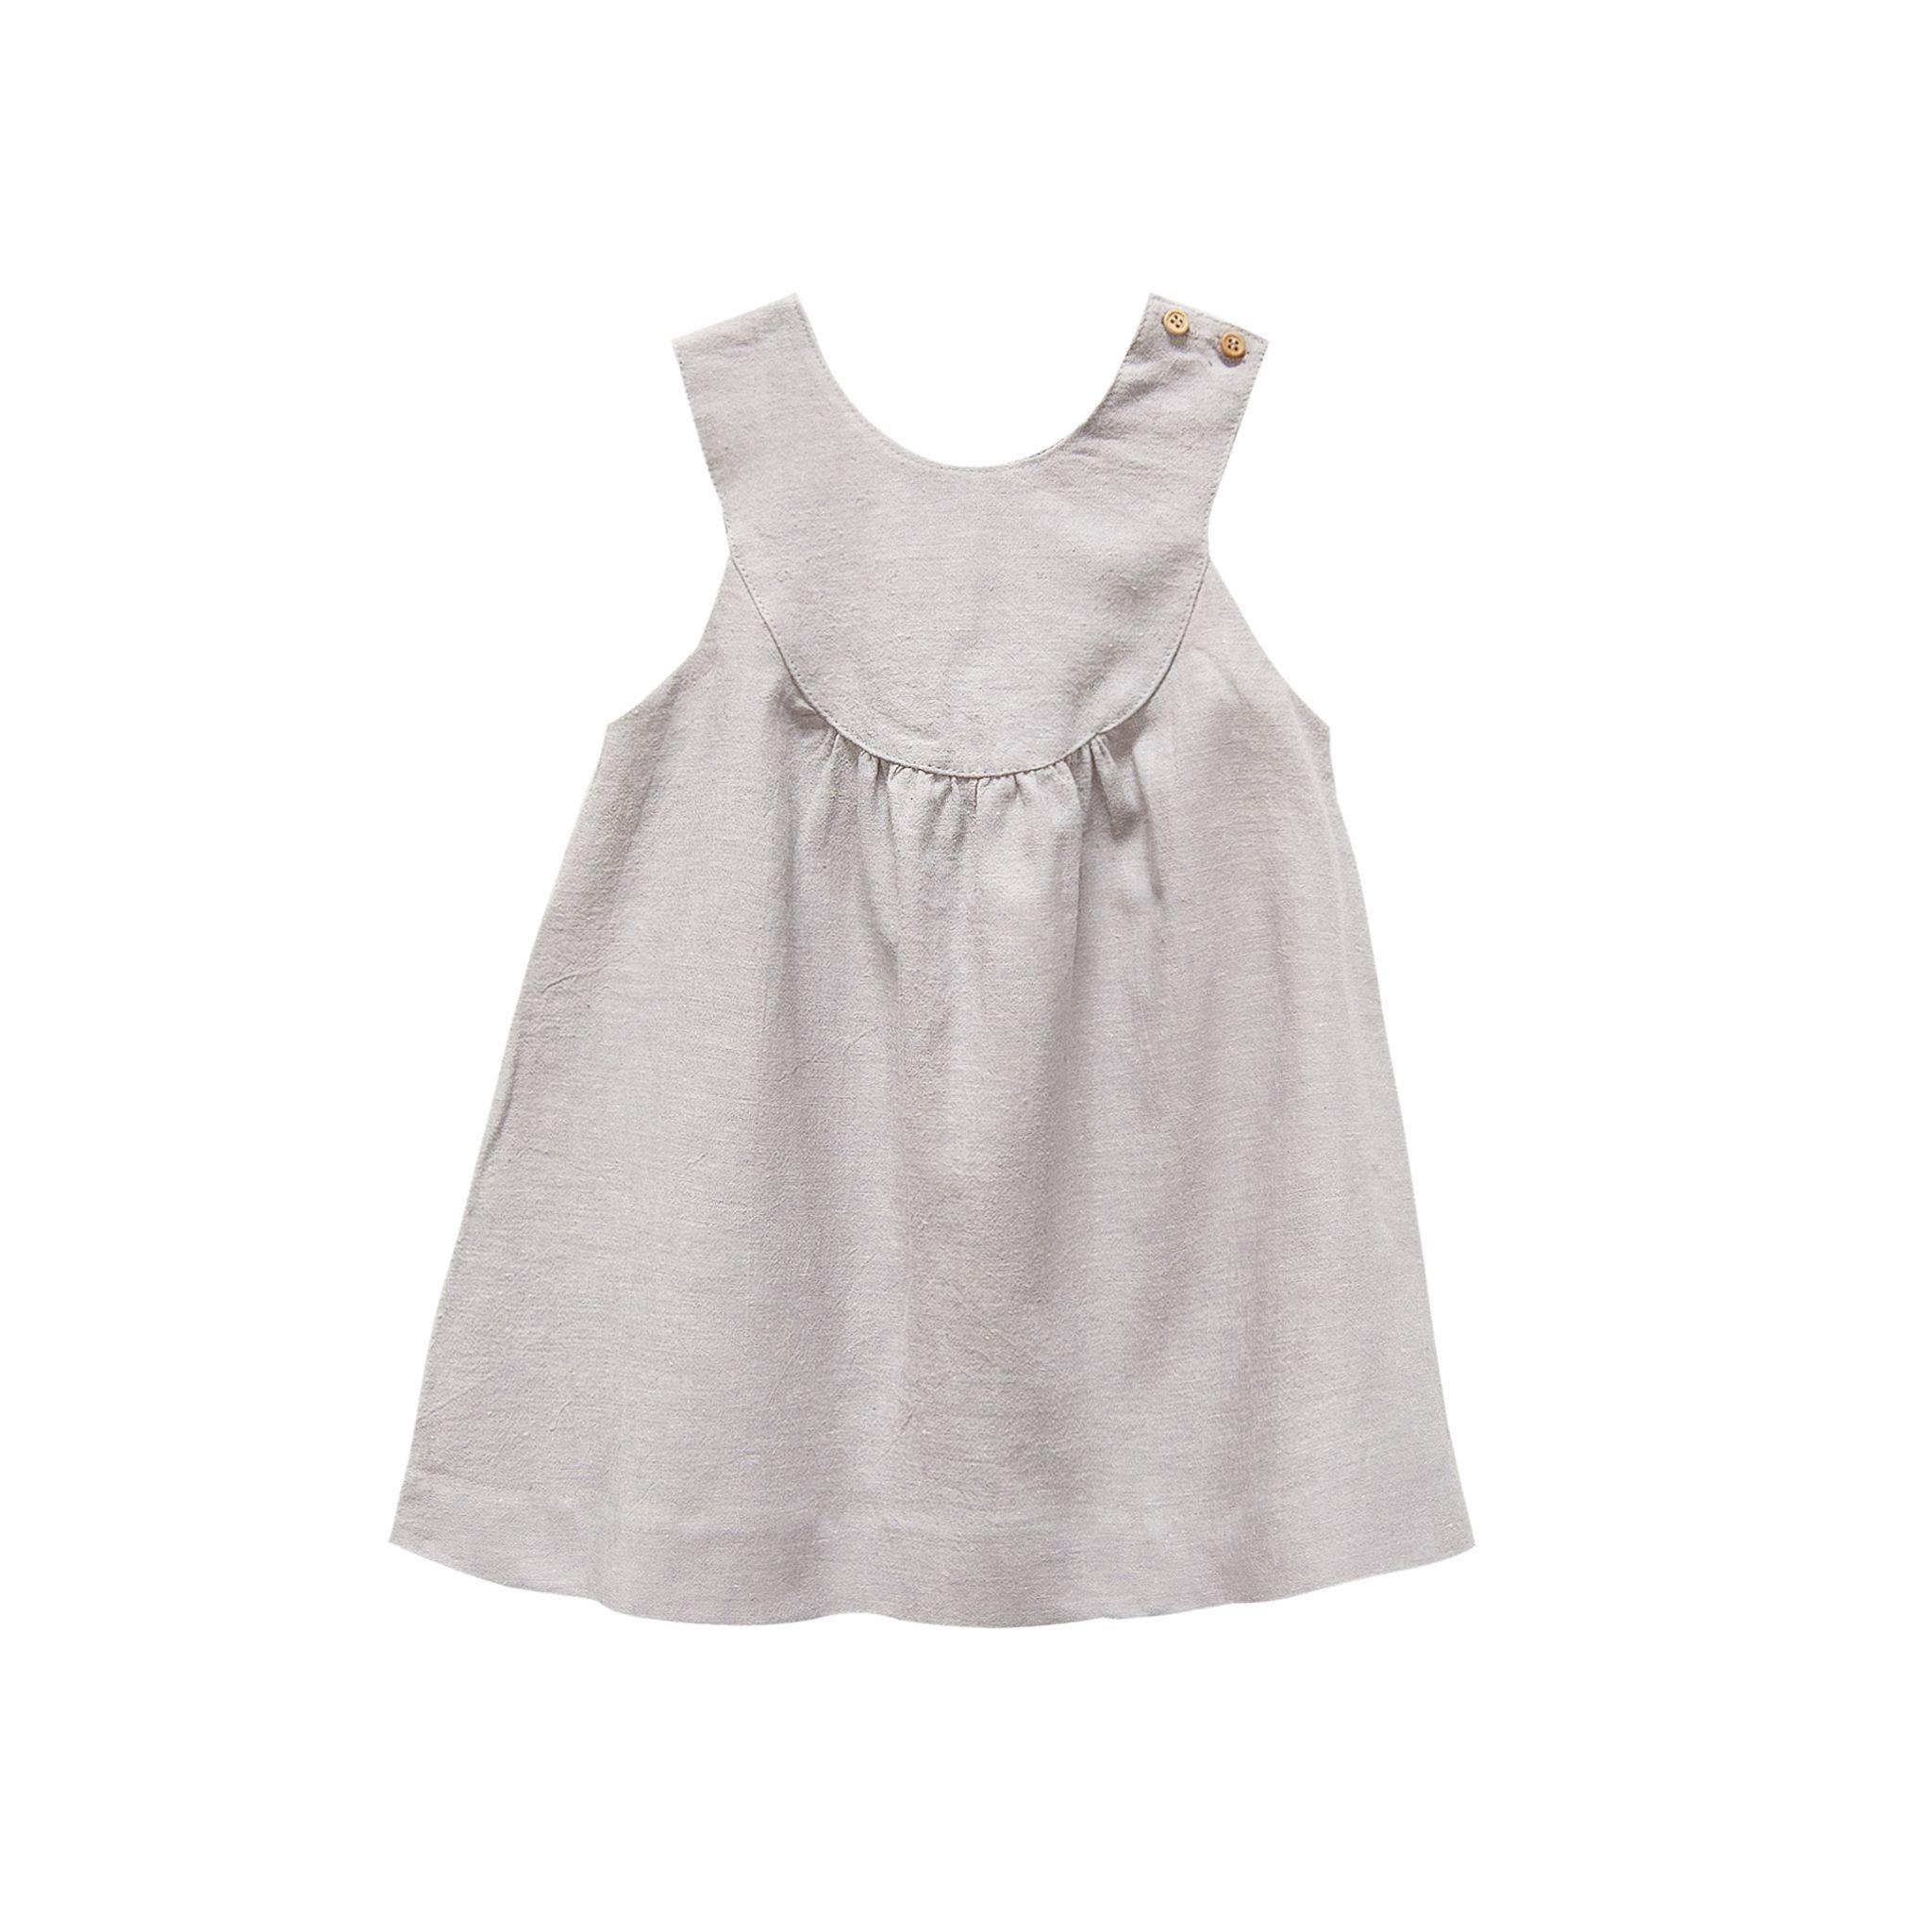 GOGENTLYNATION Poppy Dress